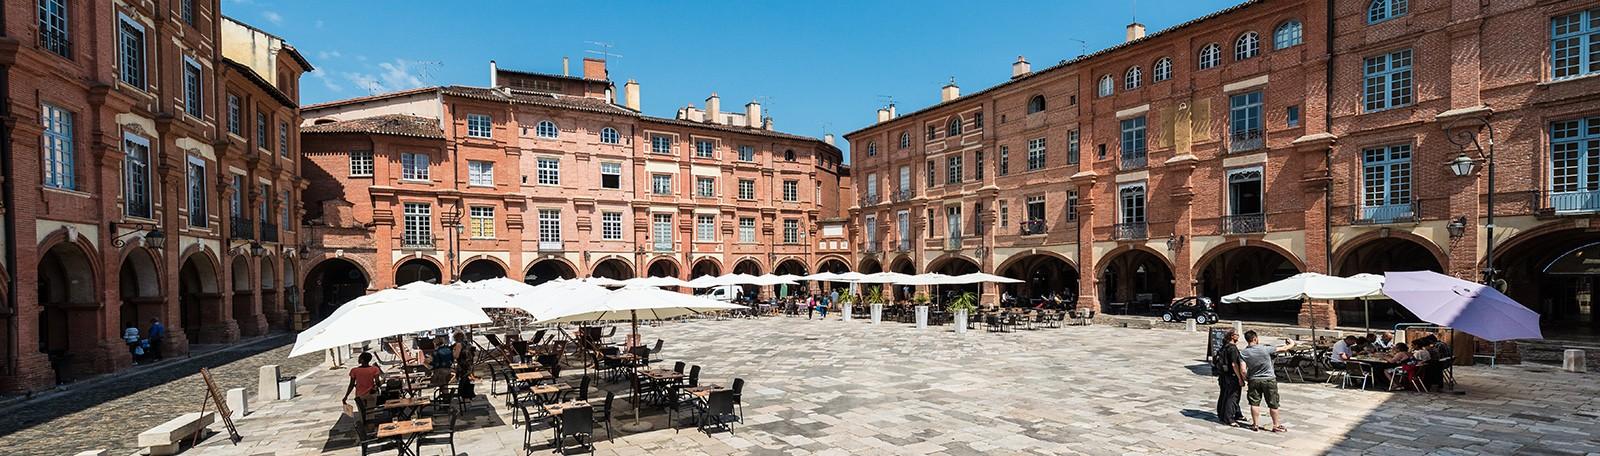 Parking Occitan Sous-Sol - 16 Place Prax-Paris 82000 Montauban